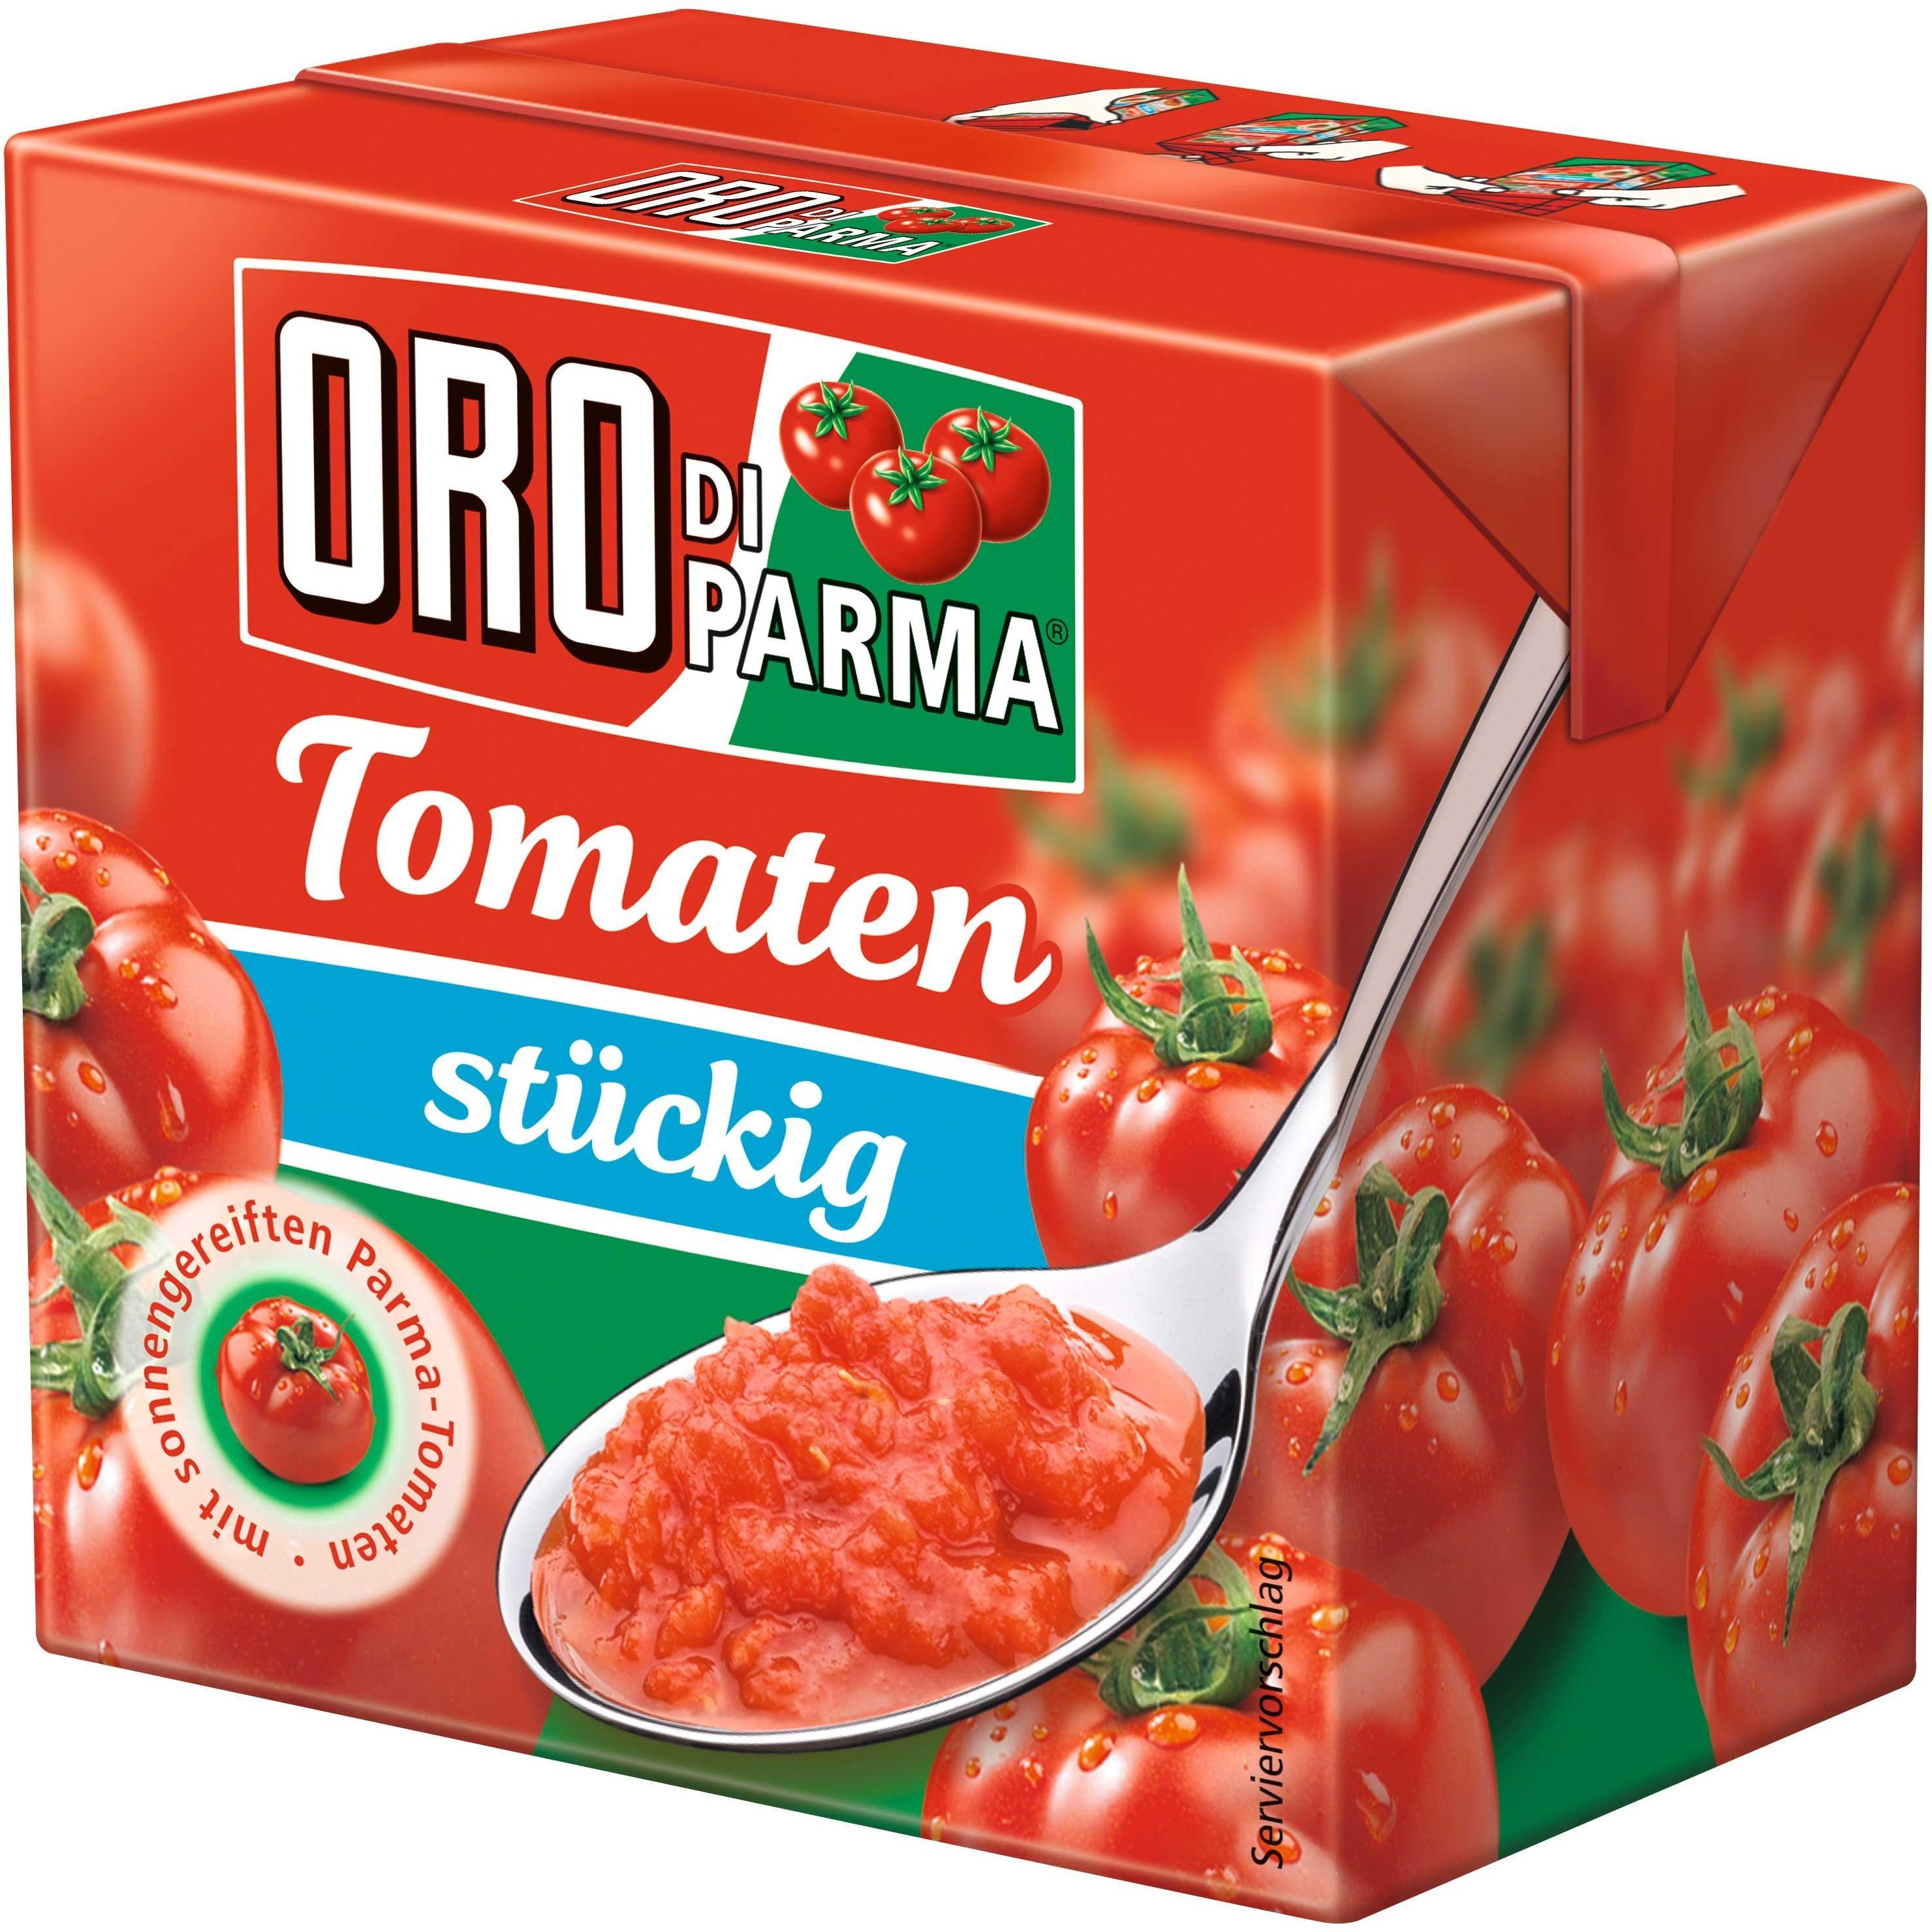 Oro di Parma - Tomaten stückig - 250g